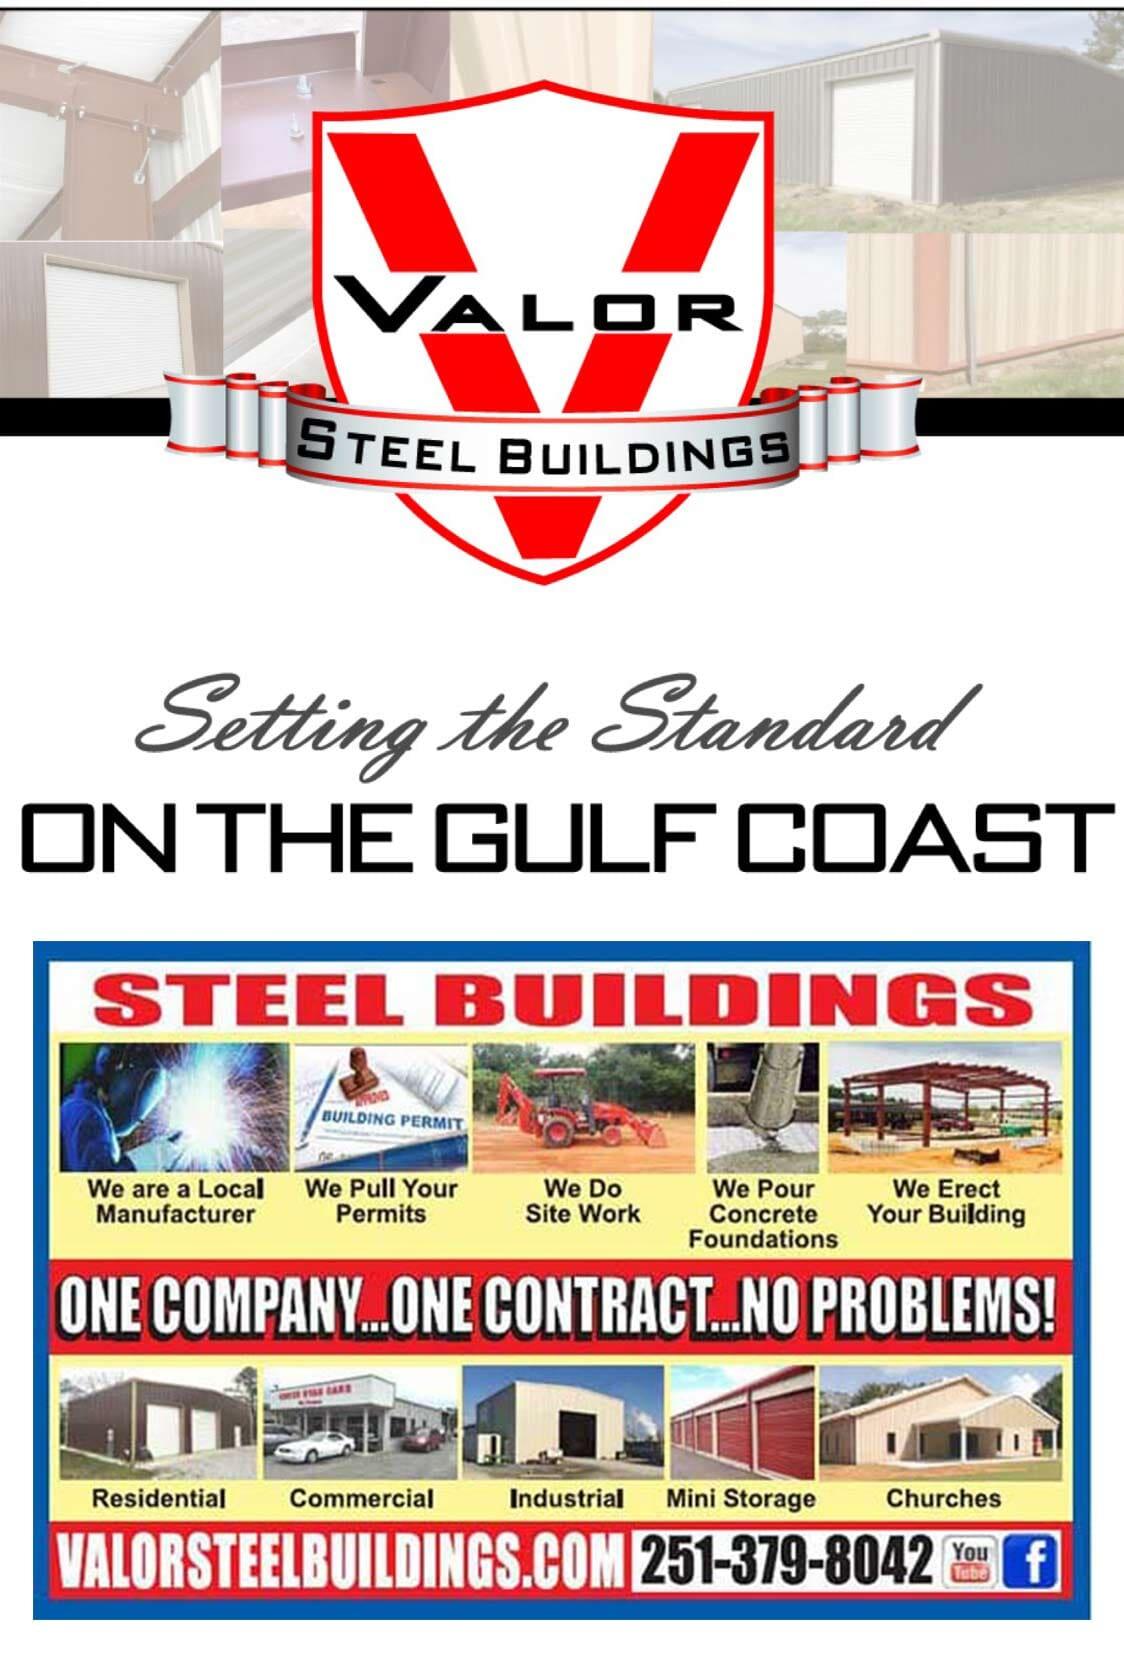 Steel Buildings Daphne Al Valor Steel Buildings